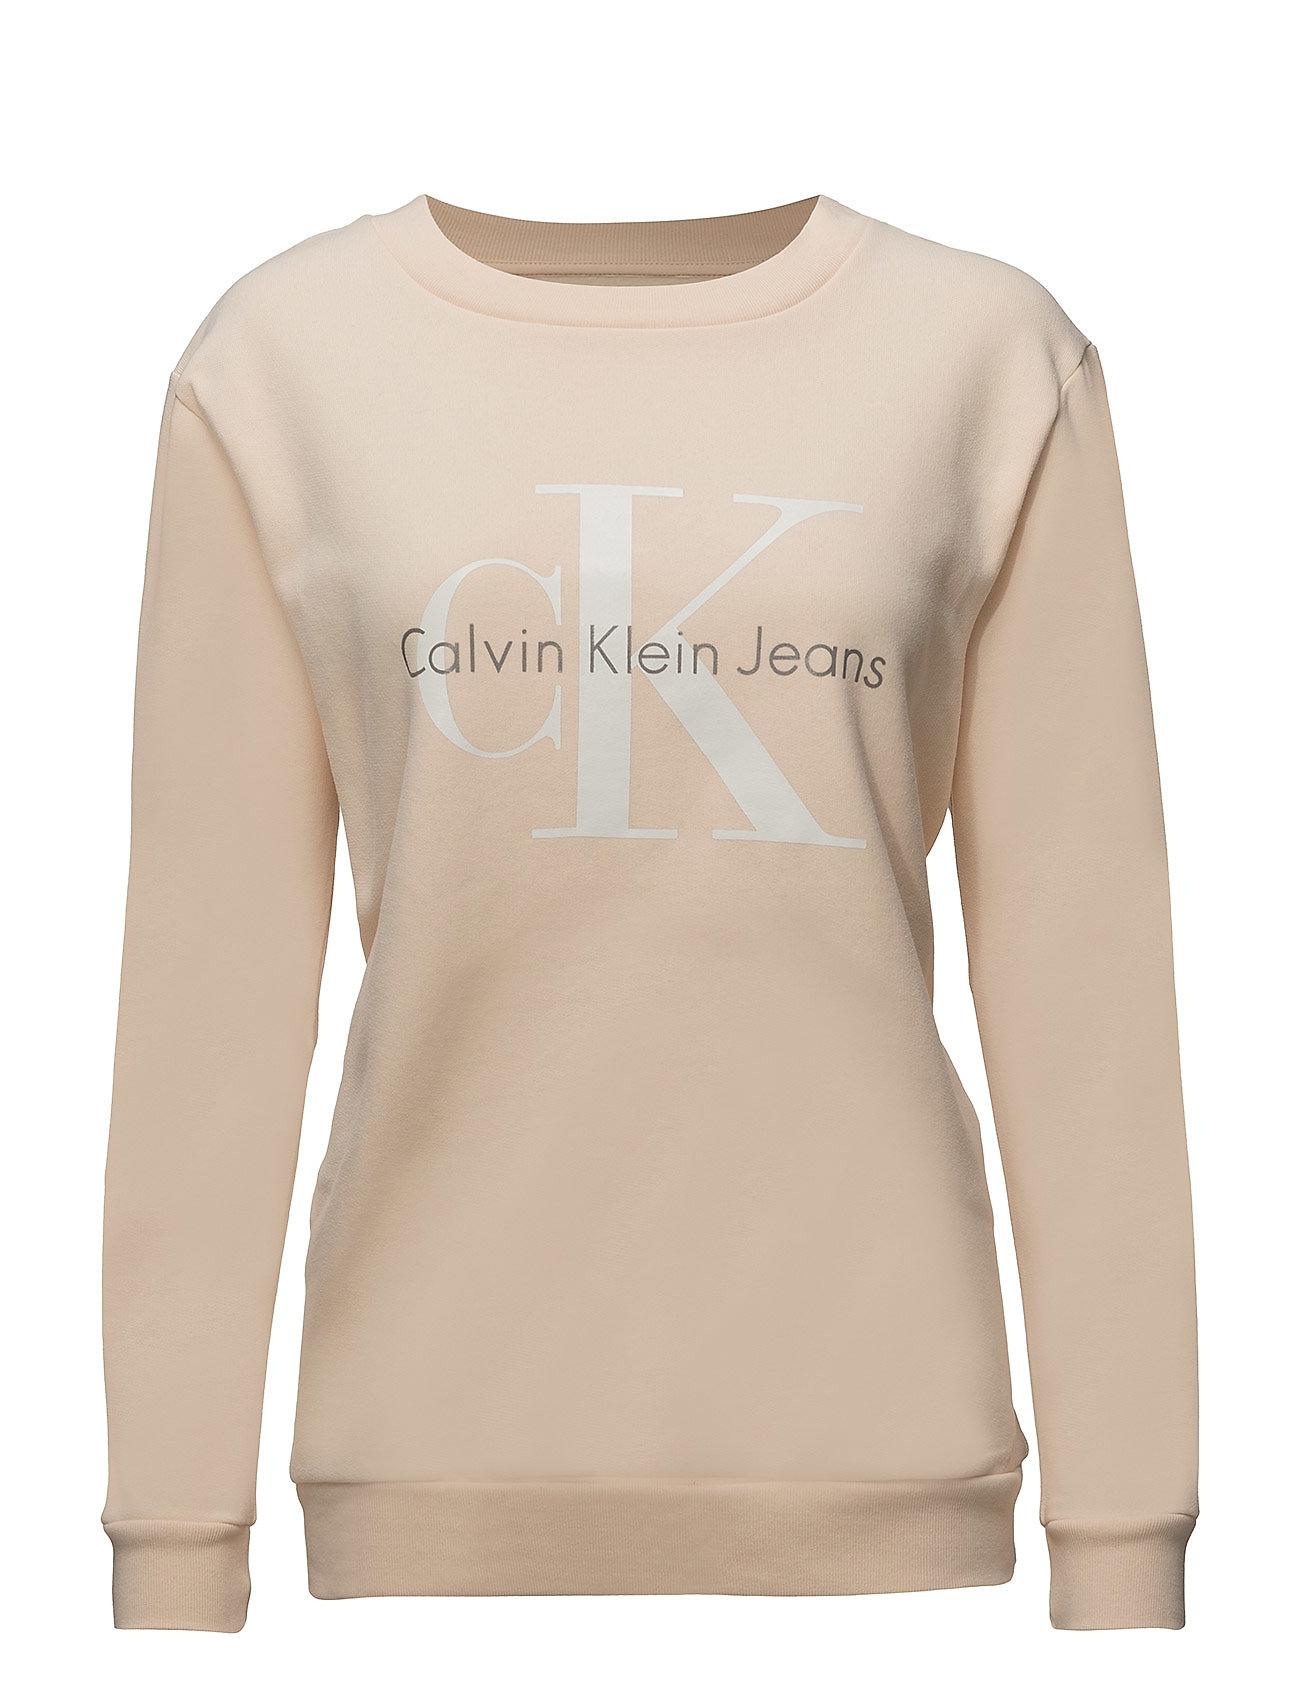 Crew Neck Hwk True I Calvin Klein Jeans Striktrøjer til Kvinder i